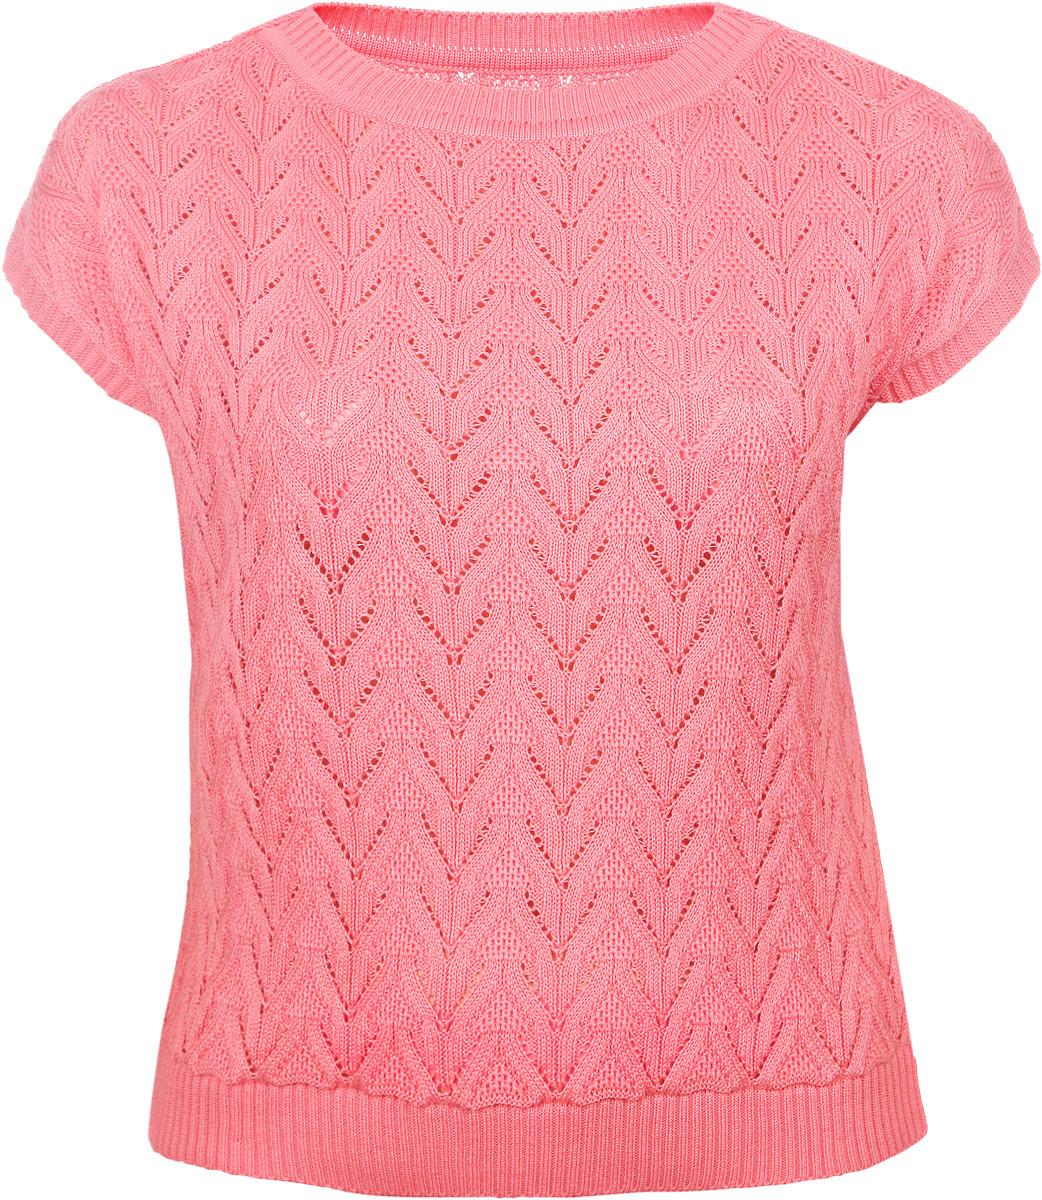 Джемпер женский Milana Style, цвет: кораллово-розовый. 1112. Размер XXXXL (56)1112Женский джемпер Milana Style, изготовленный из ПАН-волокна с добавлением шерсти, подчеркнет ваш уникальный стиль. Материал очень мягкий, имеет приятную на ощупь текстуру, не сковывает движения и хорошо вентилируется. Джемпер с круглым вырезом горловины и короткими рукавами оформлен вязаным ажурным рисунком. Вырез горловины, края рукавов и низ изделия связаны резинкой. Такой джемпер будет дарить вам комфорт в течение всего дня и станет замечательным дополнением к вашему гардеробу.